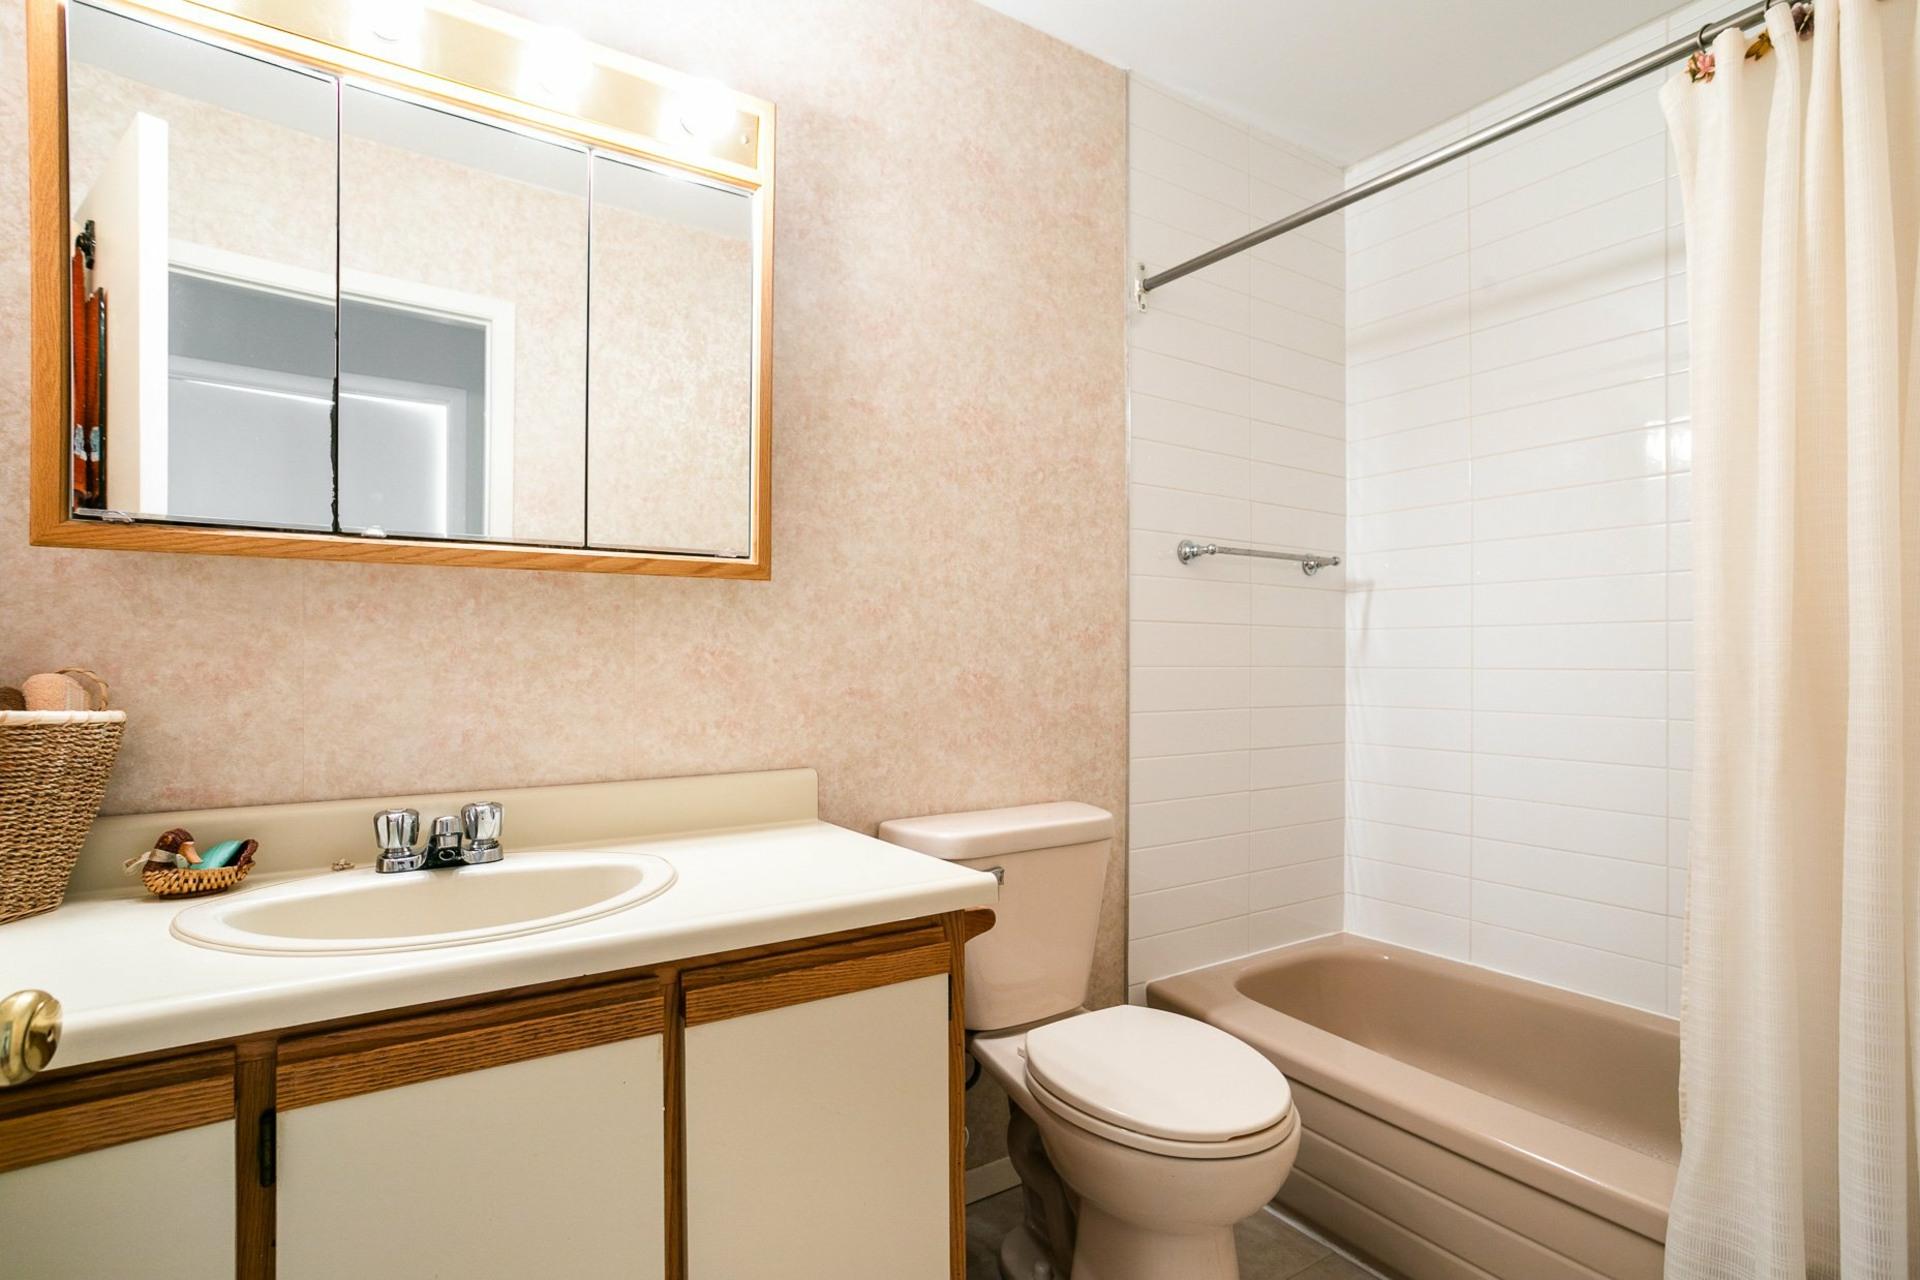 image 12 - Maison À vendre Pierrefonds-Roxboro Montréal  - 8 pièces